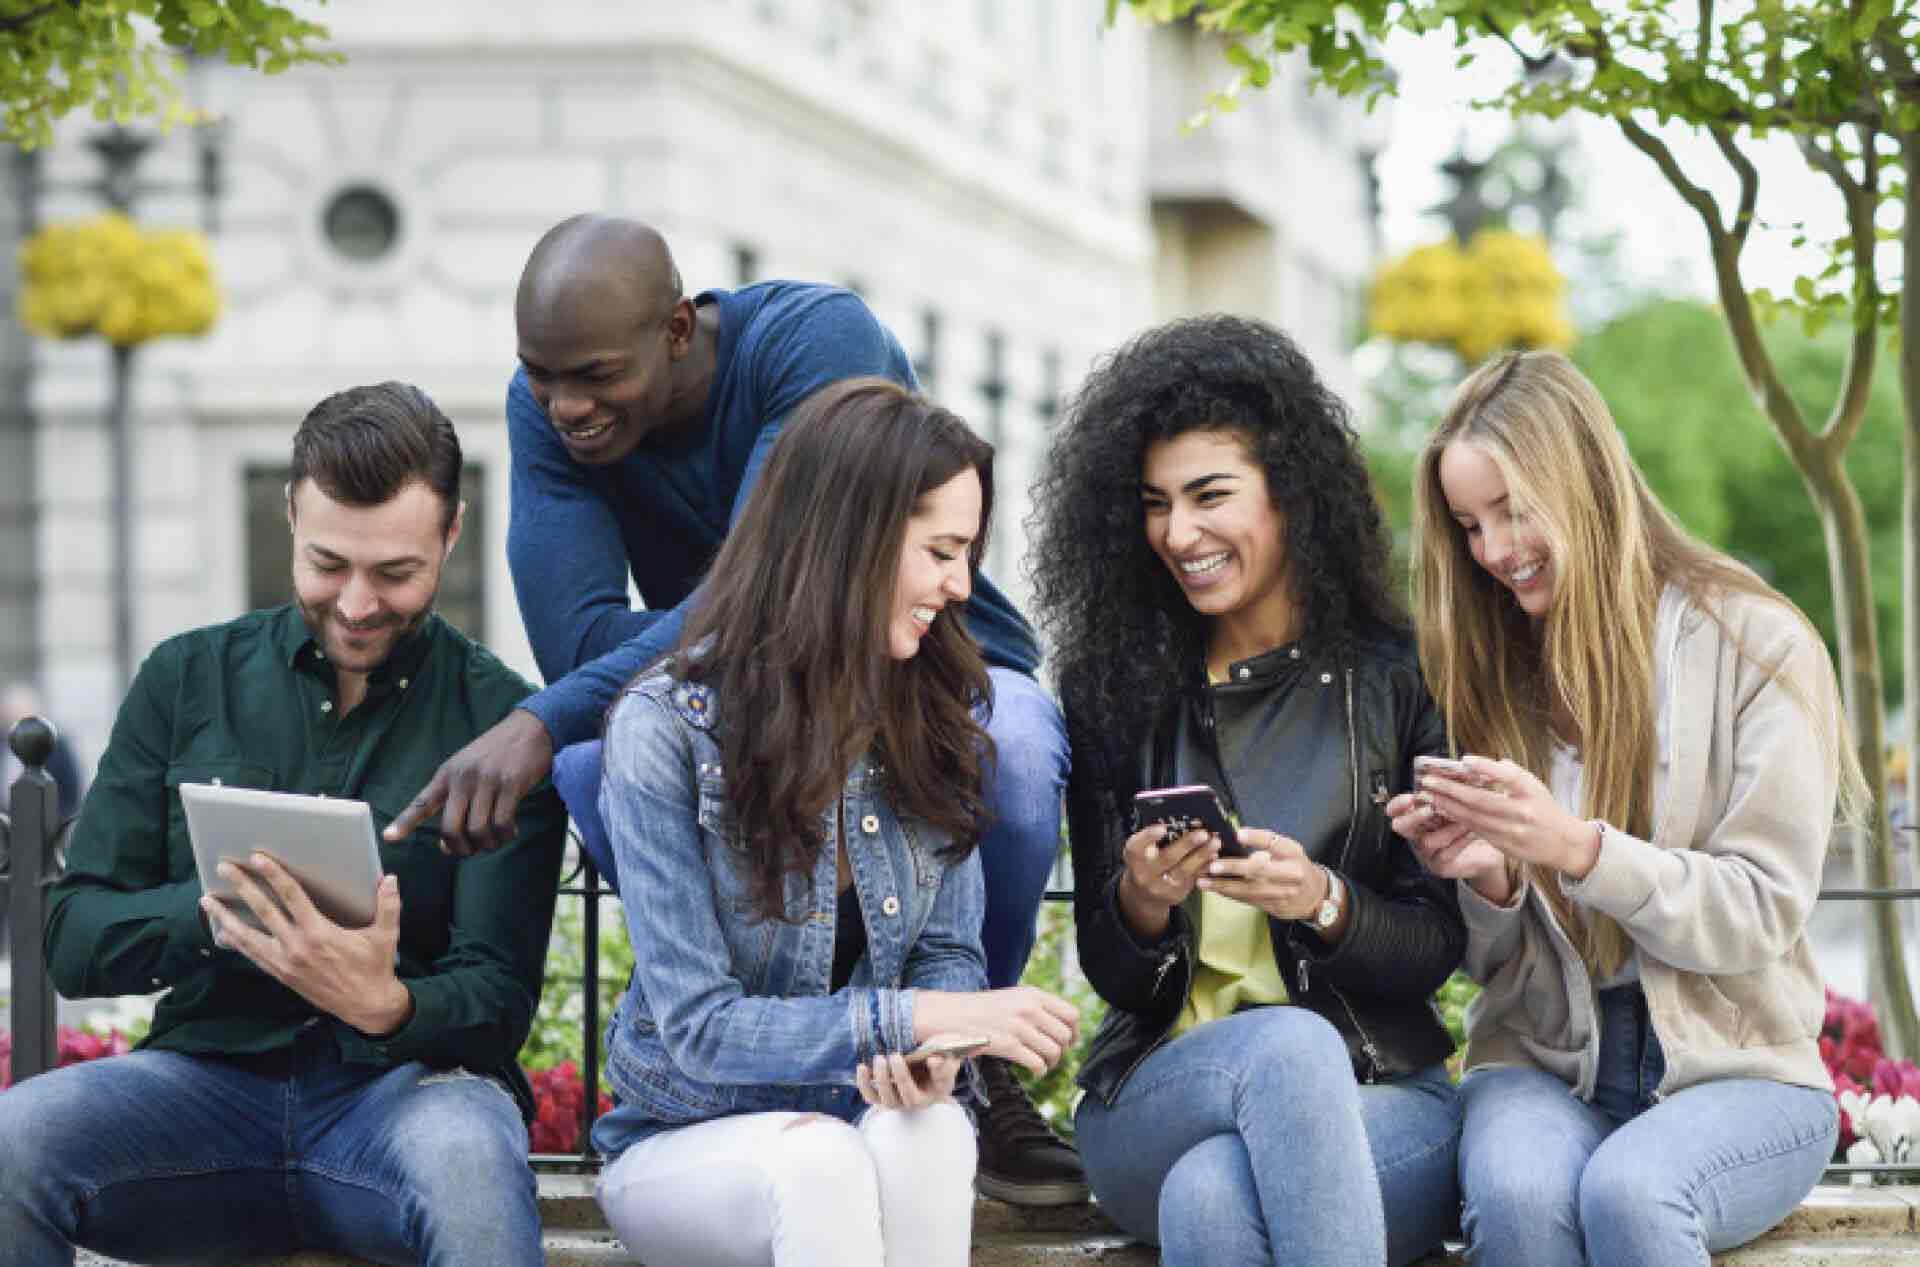 Influenciadores digitais: qual o retorno que eles podem trazer para sua empresa?